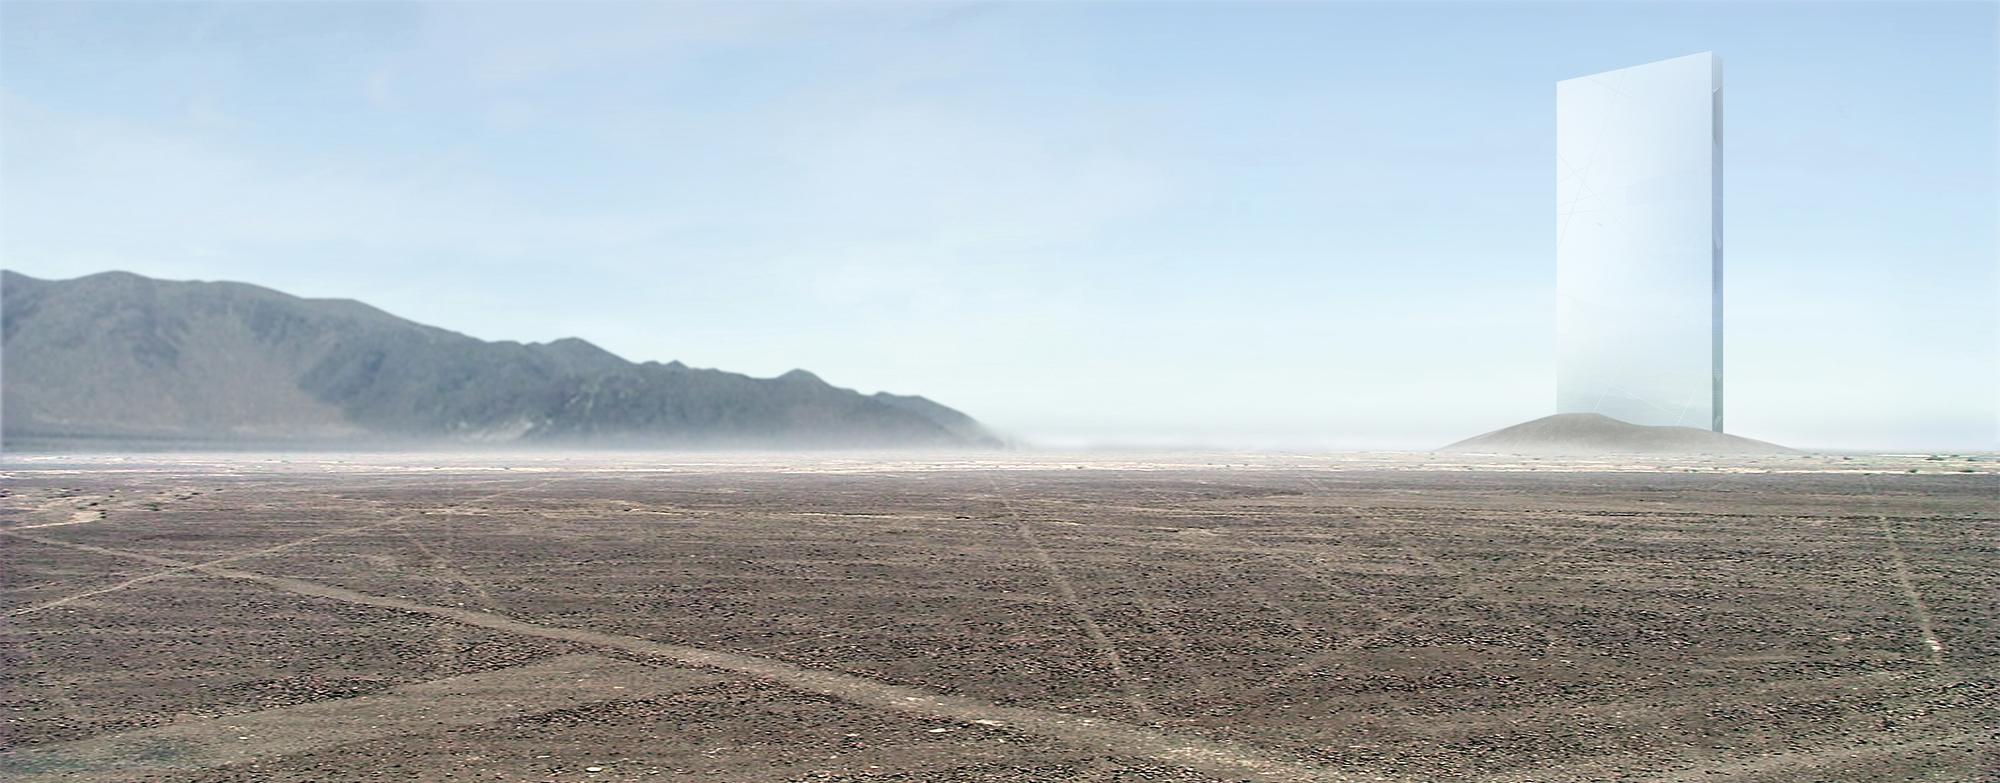 Nazca_01.jpg